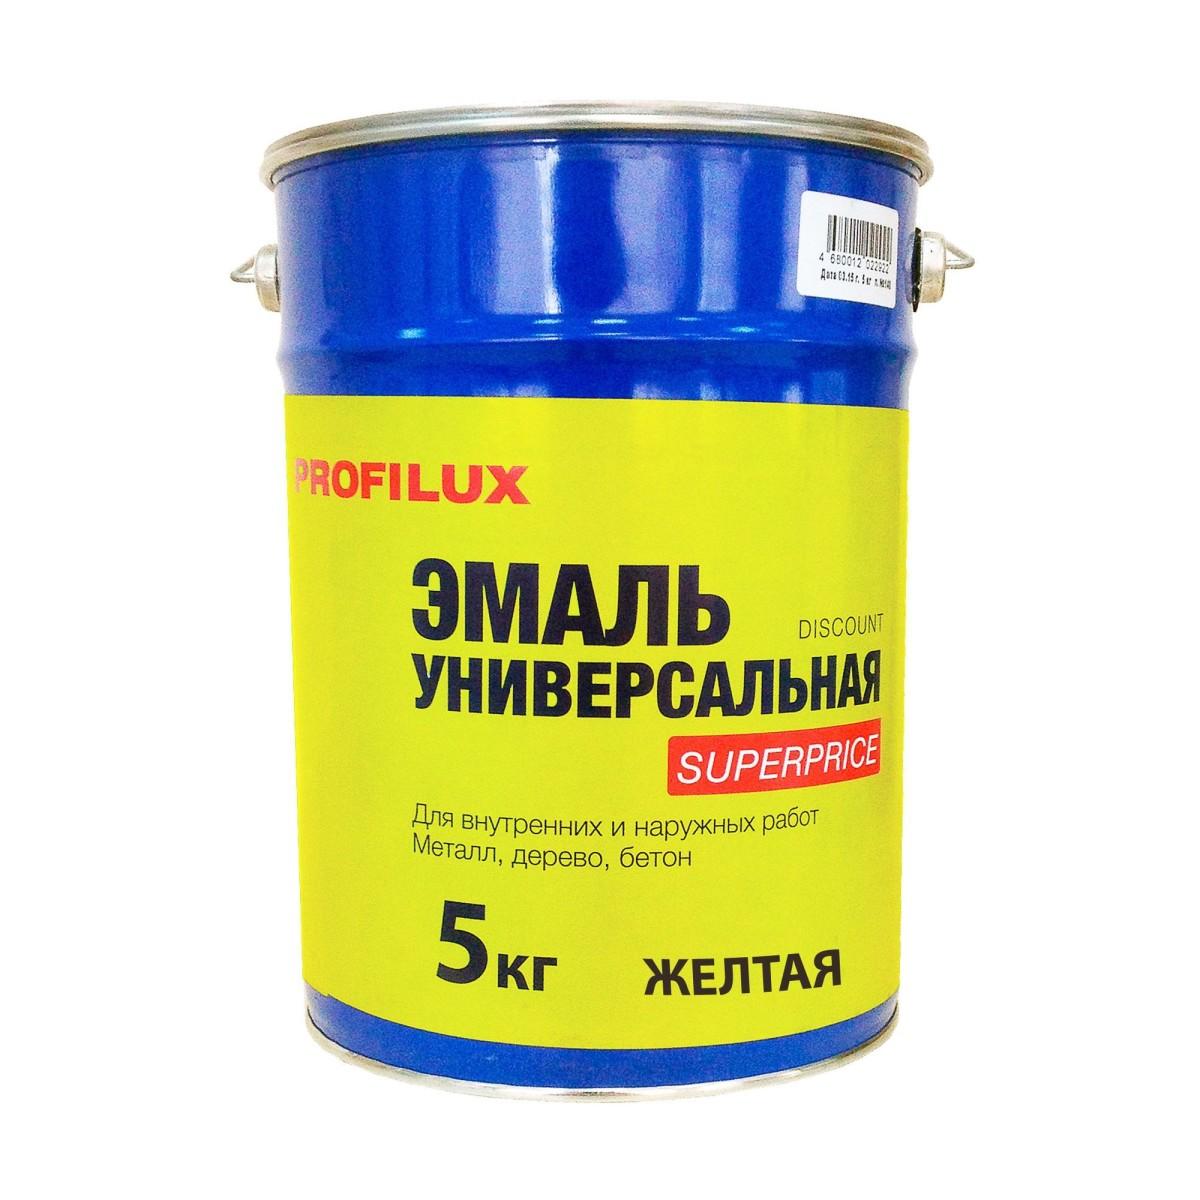 Профилюкс Эмаль Superprice цвет желтый 5 кг